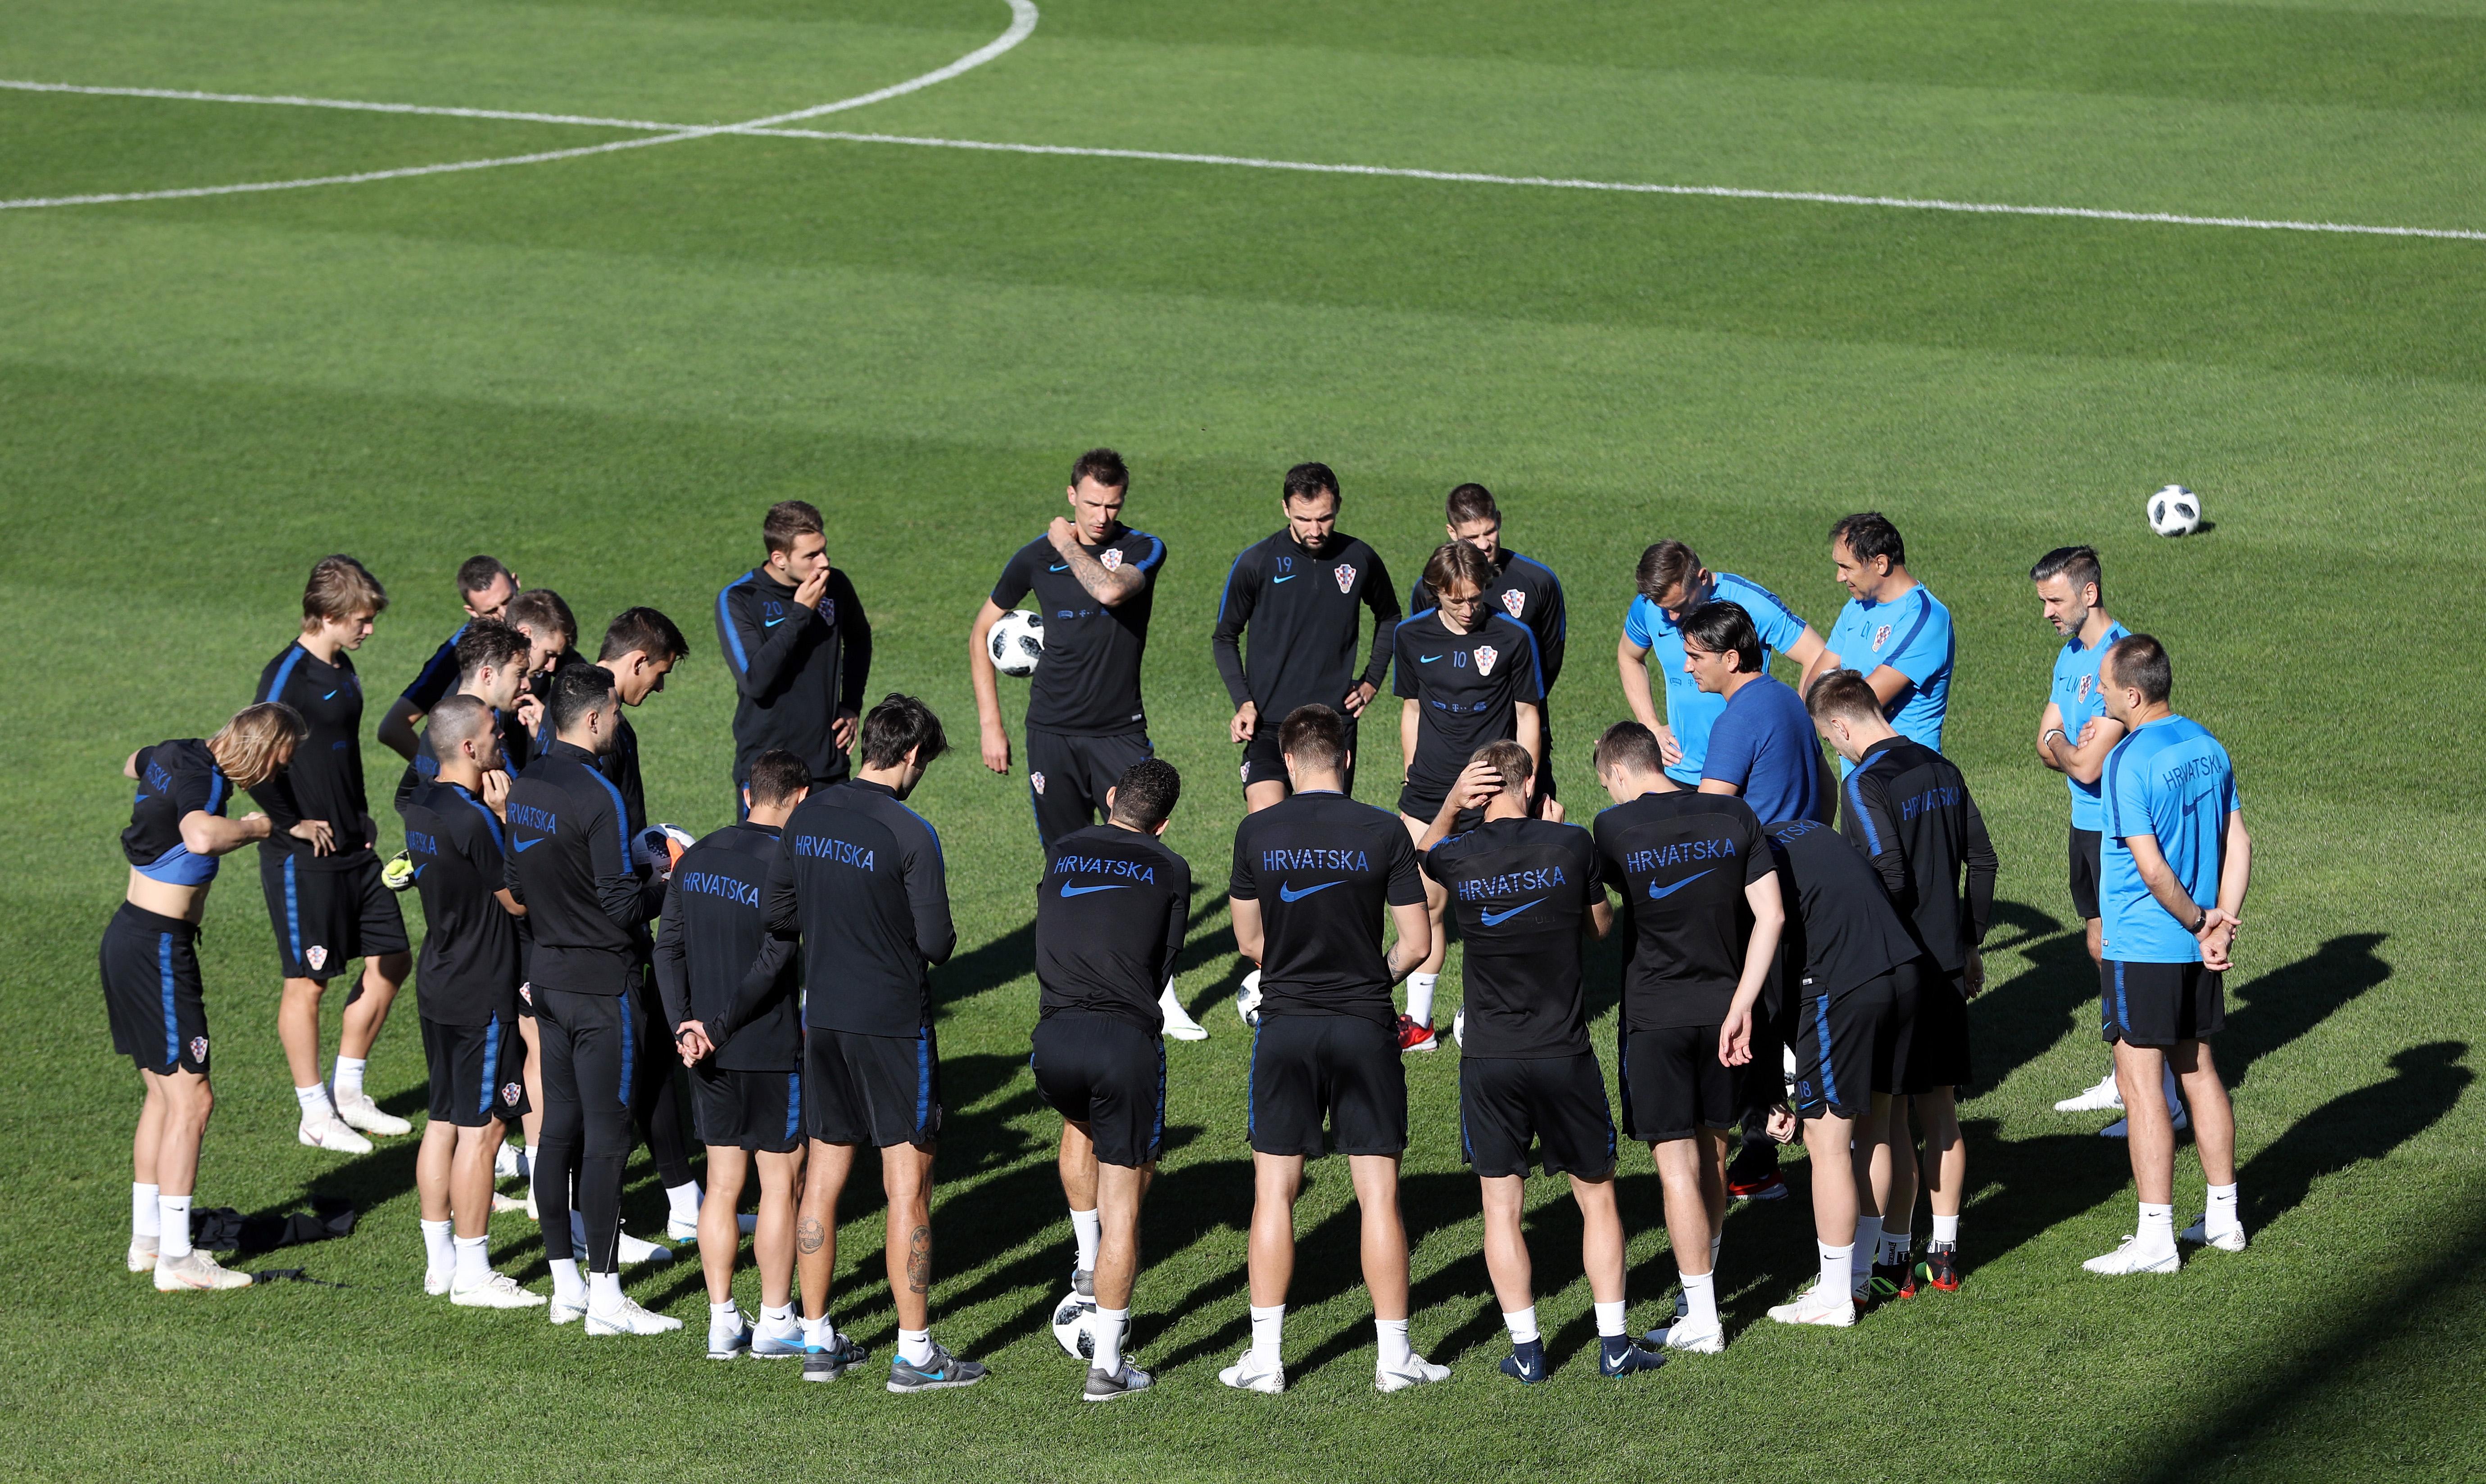 Vatreni odradili prvi trening nakon pobjede nad Islandom, Ćorluka i Lovren dobili poštedu